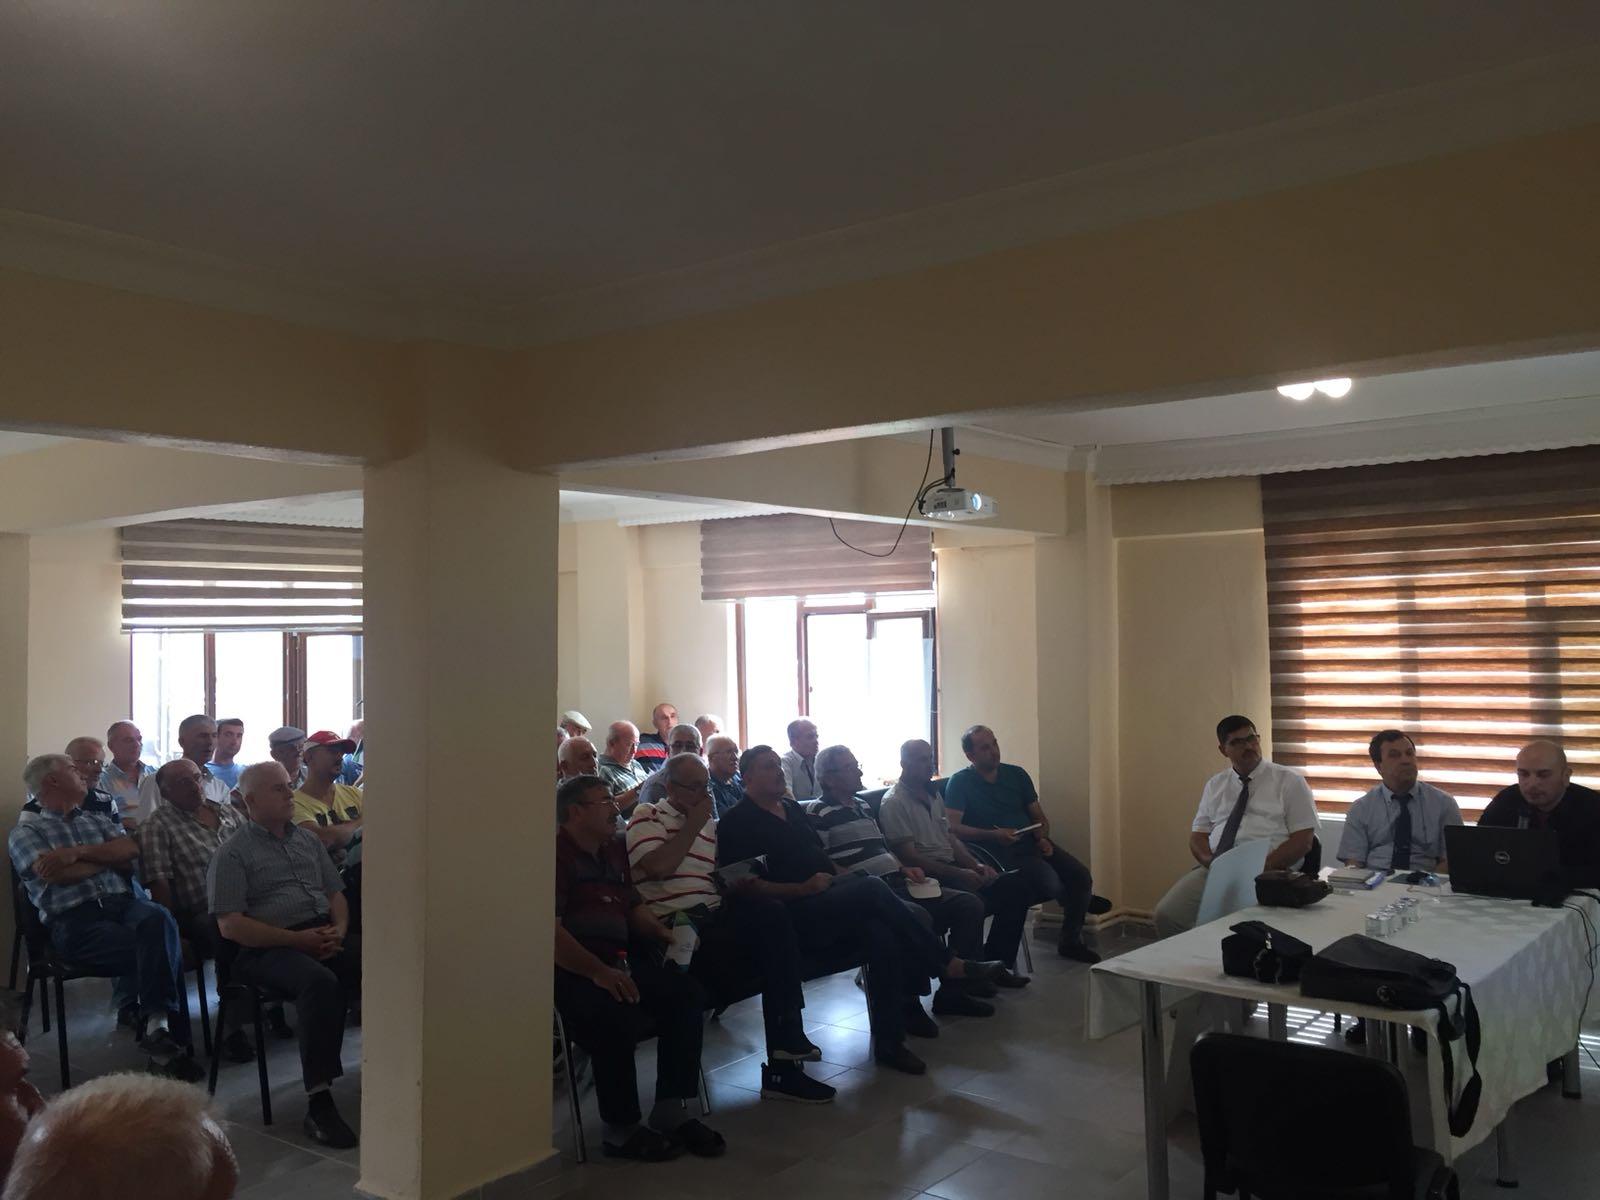 İmar Barışı Evrensekiz Bilgilendirme Toplantısı İl Müdürlüğümüz Personelince Gerçekleştirilmiştir.